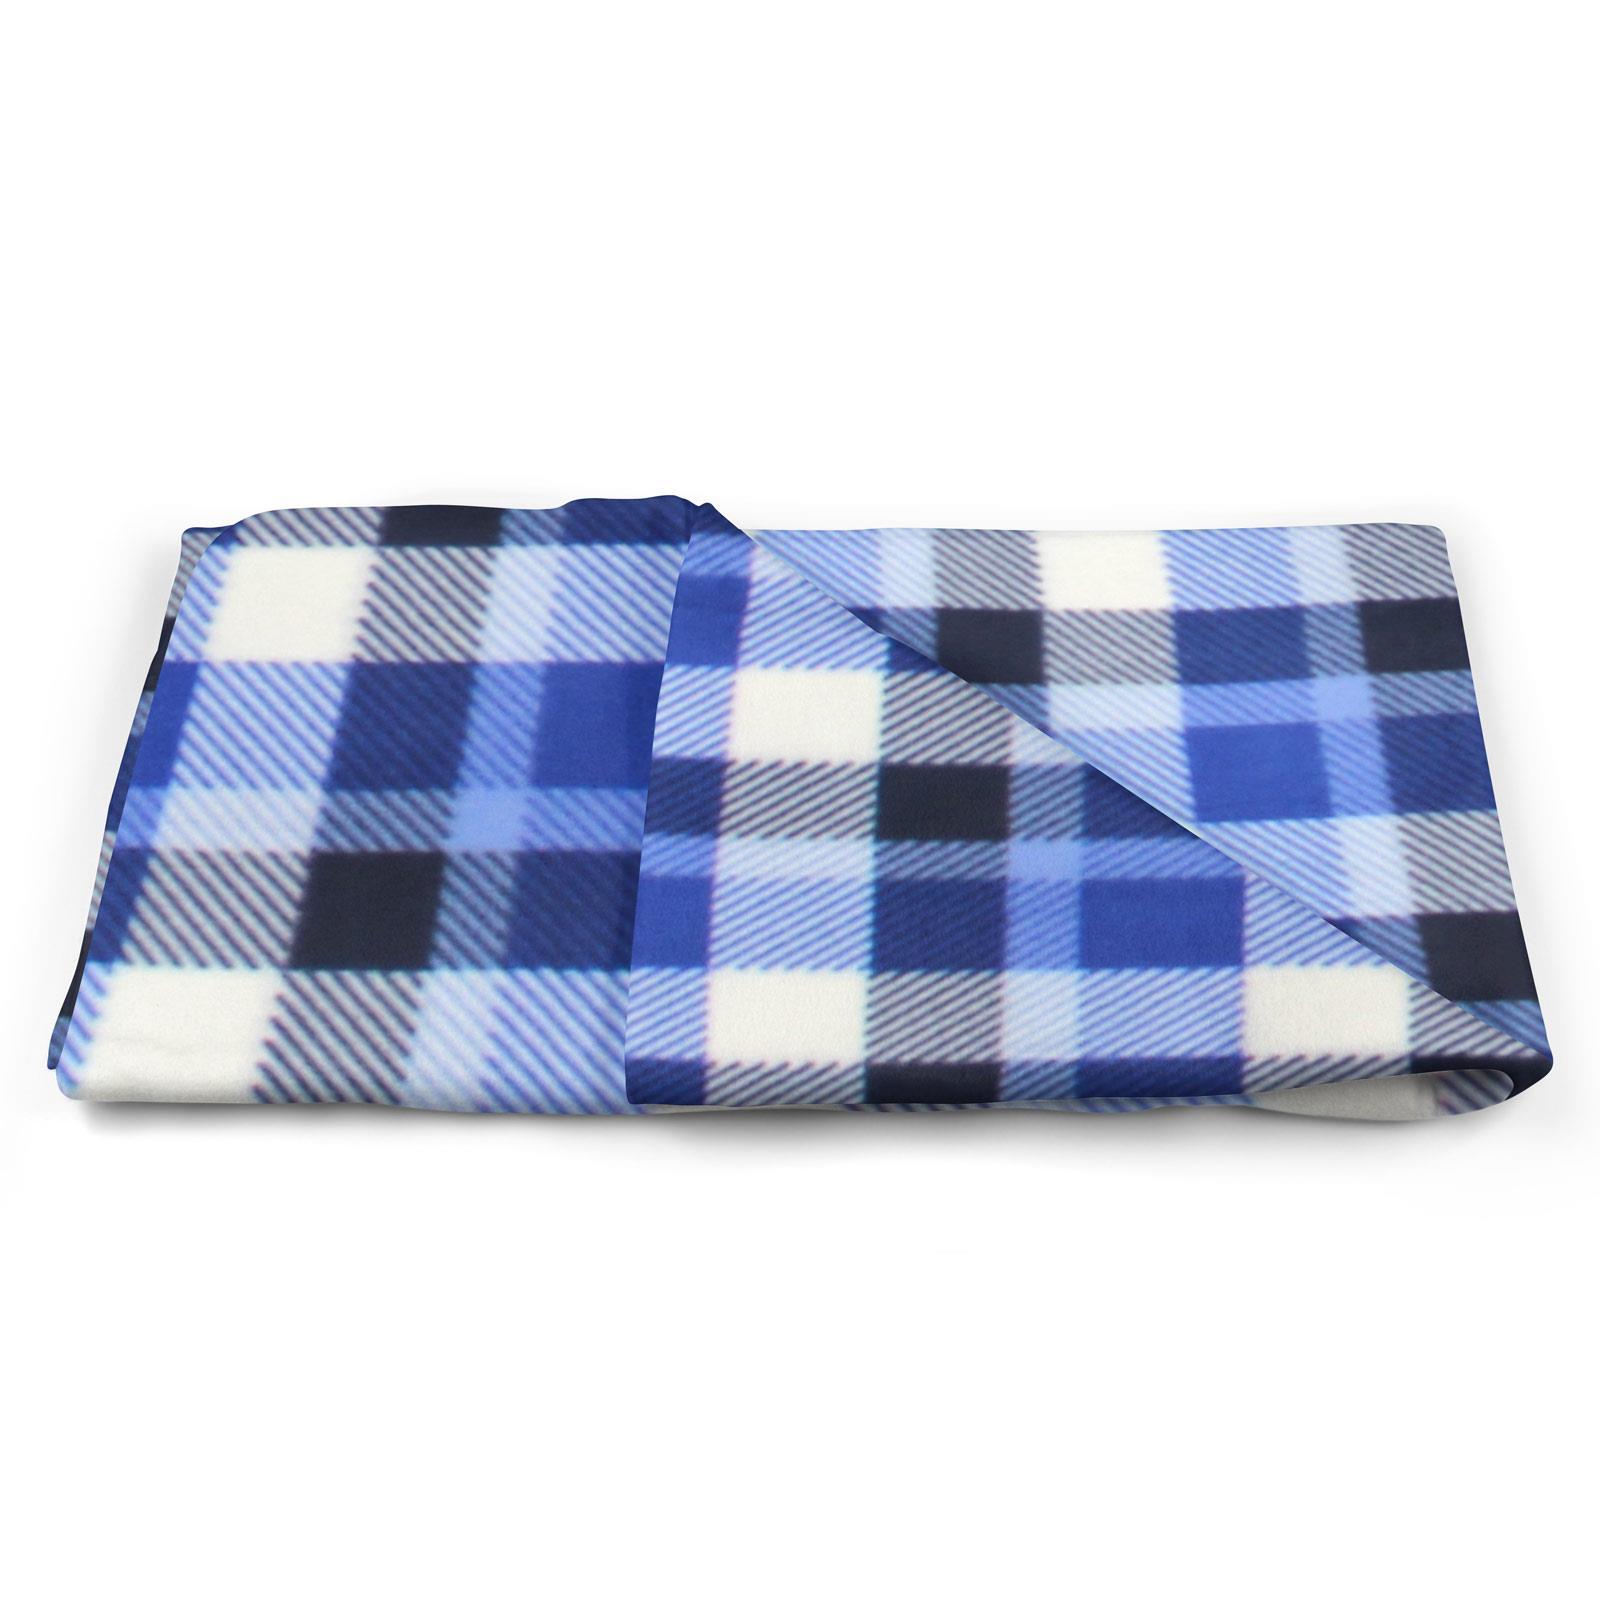 Sofa-de-verificacion-de-tartan-polar-mantas-polar-silla-acogedor-lanza-Manta-127cm-X-152cm miniatura 17